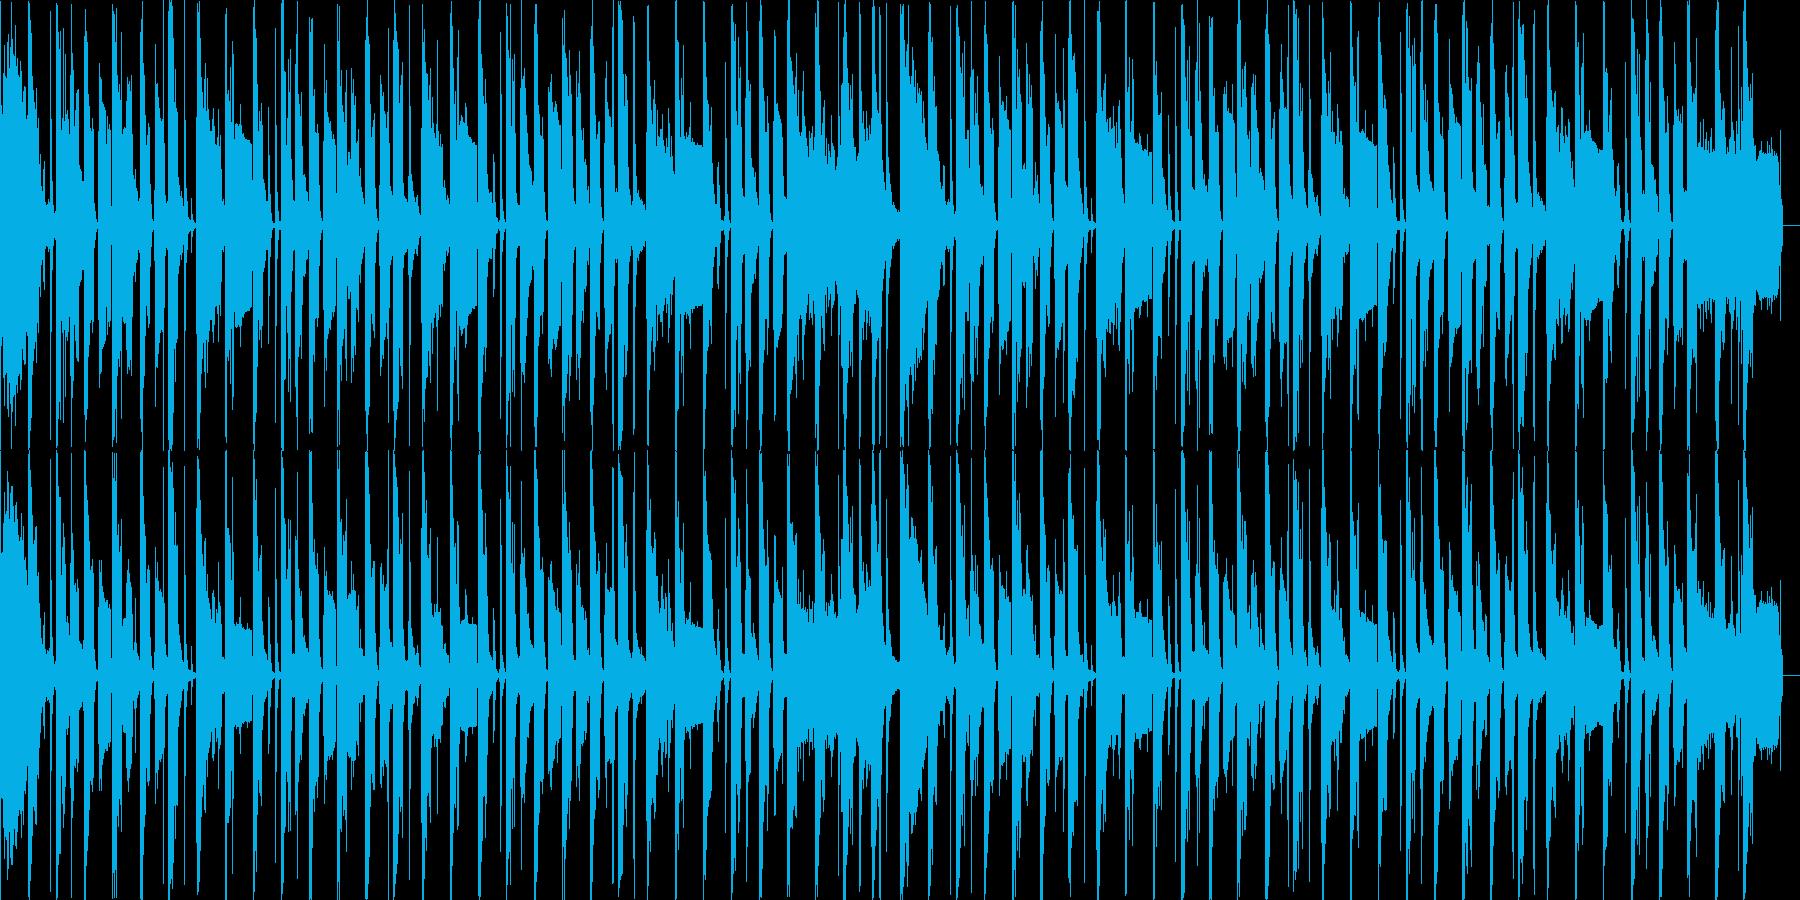 ファミコンサウンドで軽快+きざむドラムの再生済みの波形